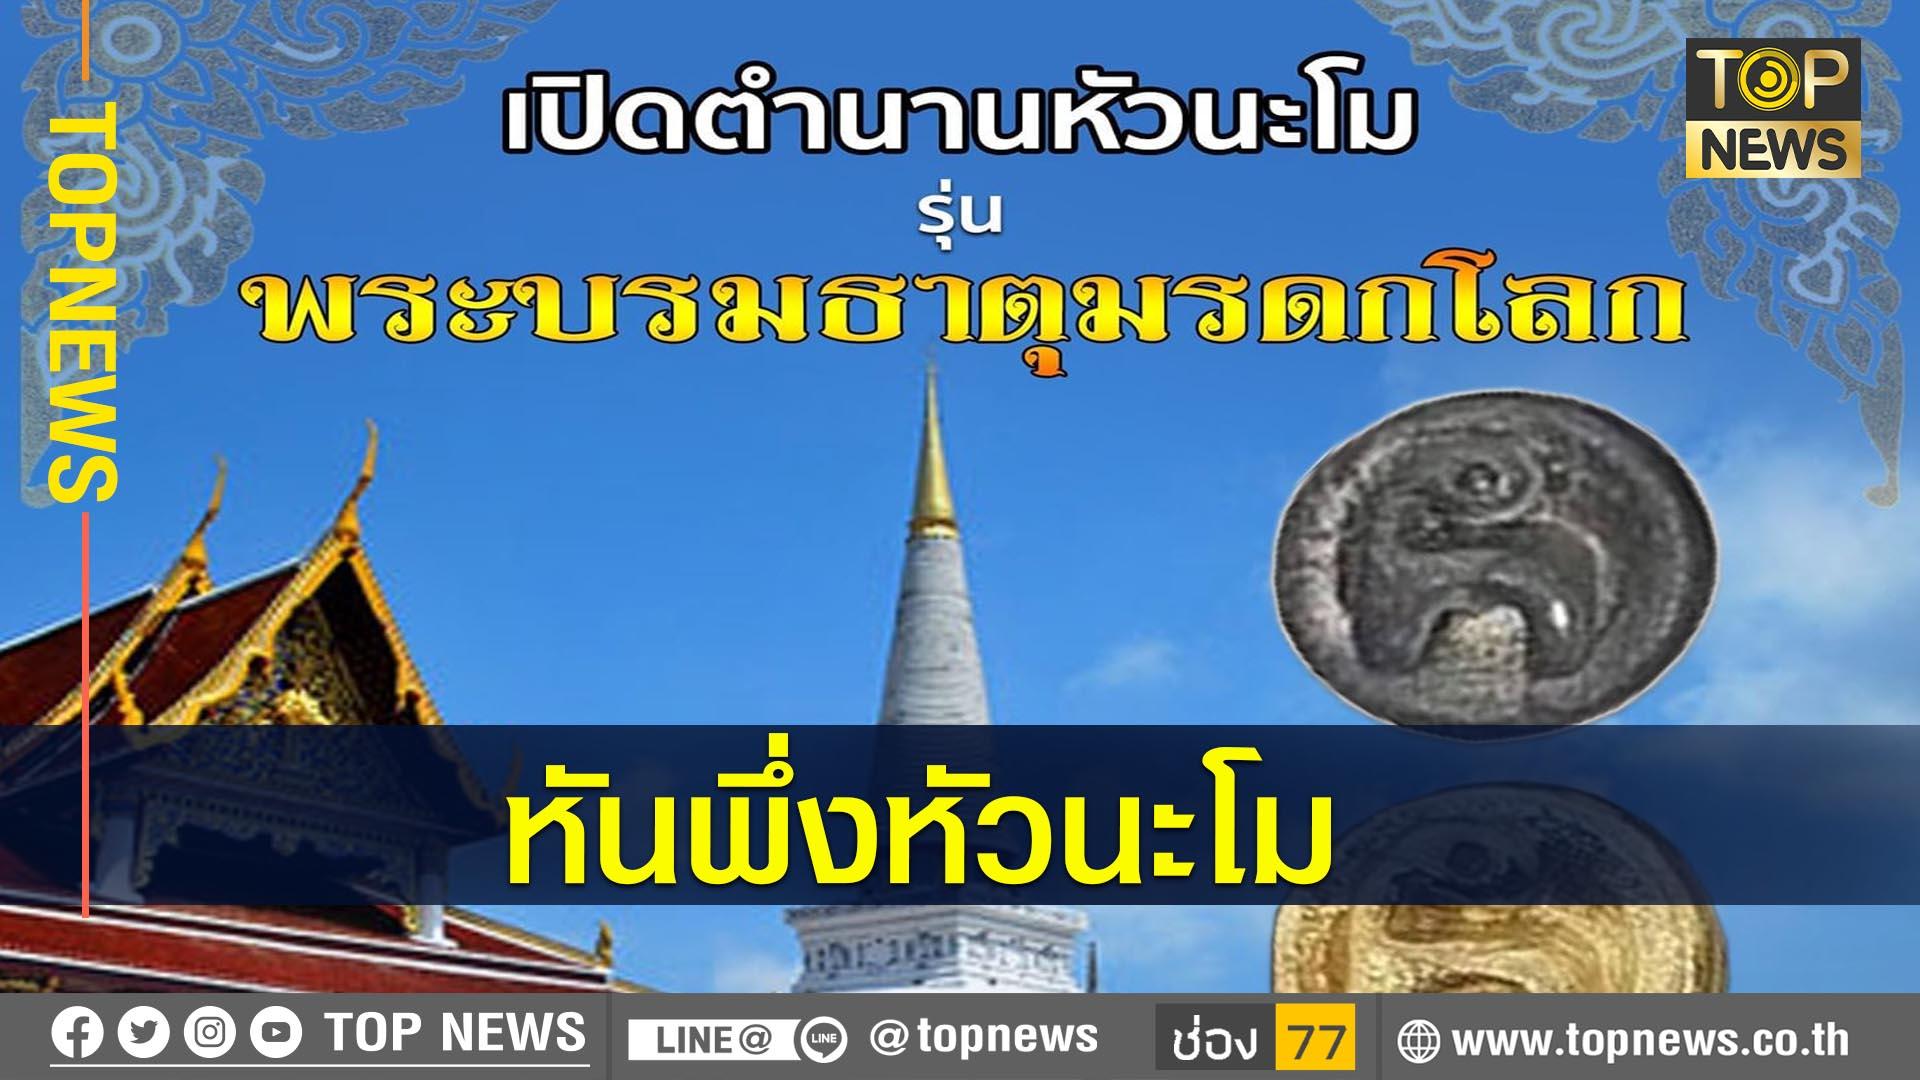 ชาวไทยแห่สั่งหัวนะโมวัดเขาพระทองเชื่อแคล้วคลาดจากโควิด